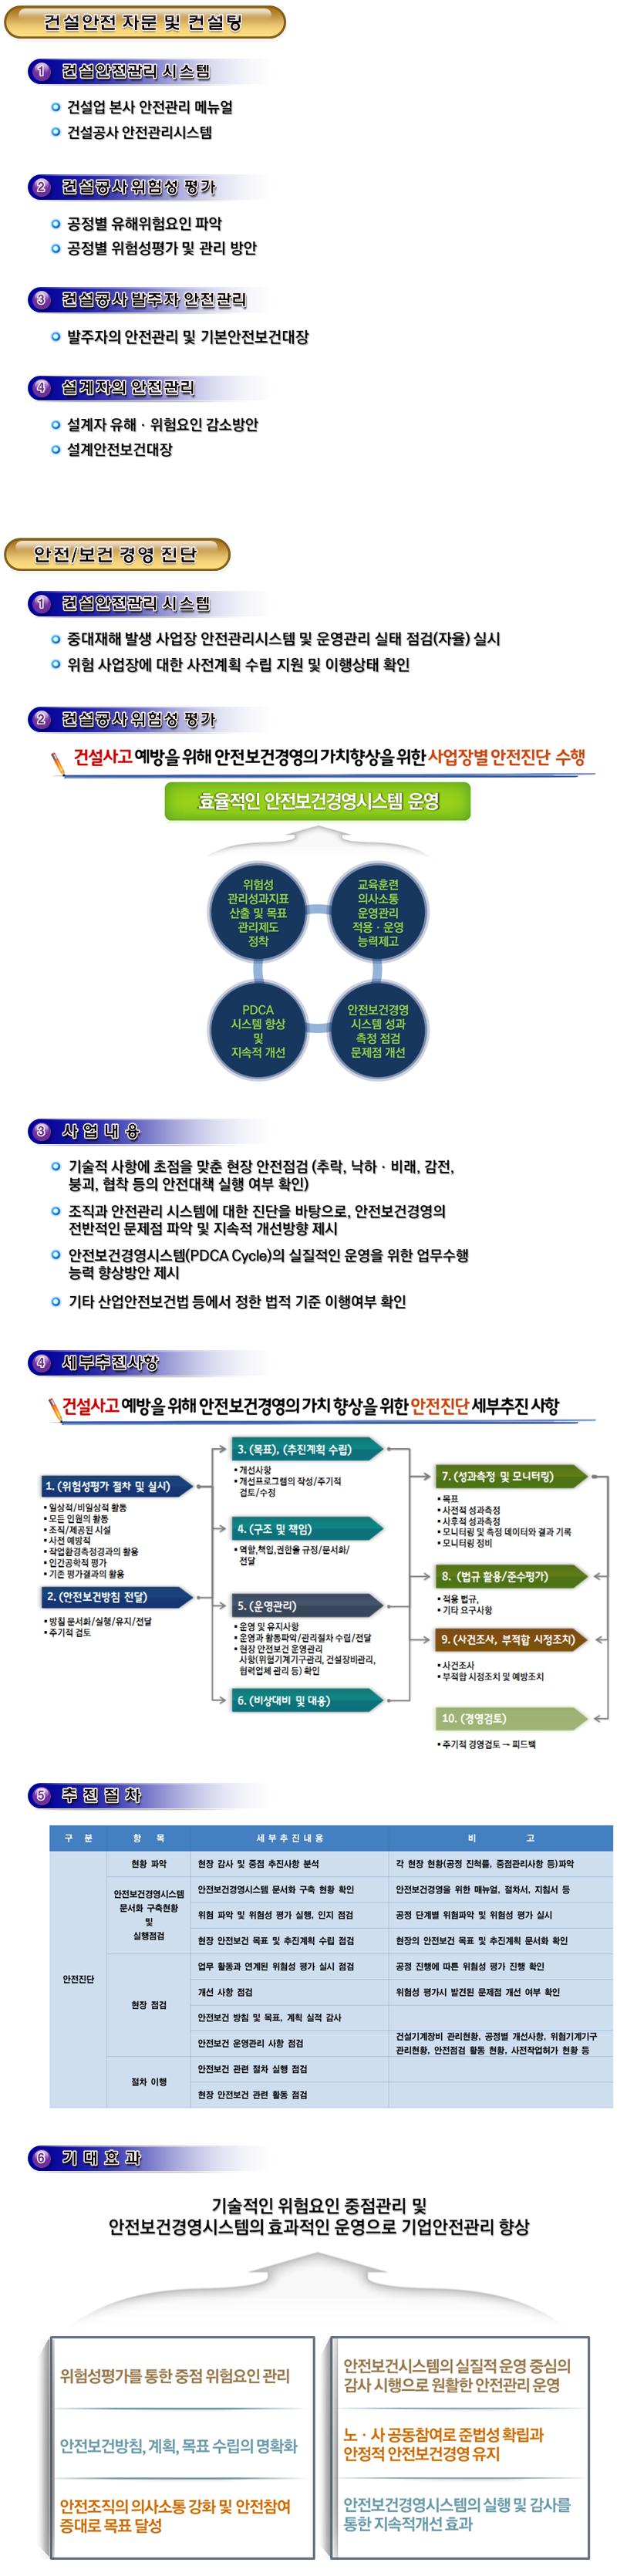 건설안전자문 및 컨설팅(20201031).png